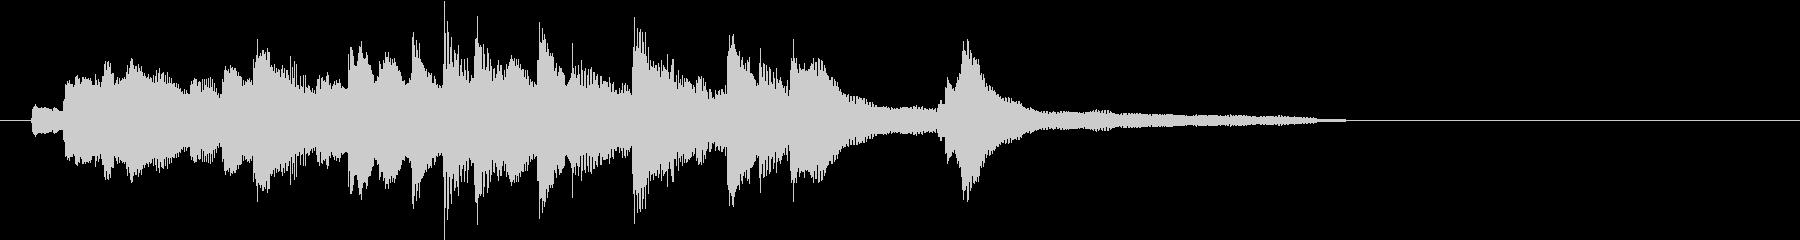 夏を匂わすピアノアイキャッチ A(短縮)の未再生の波形